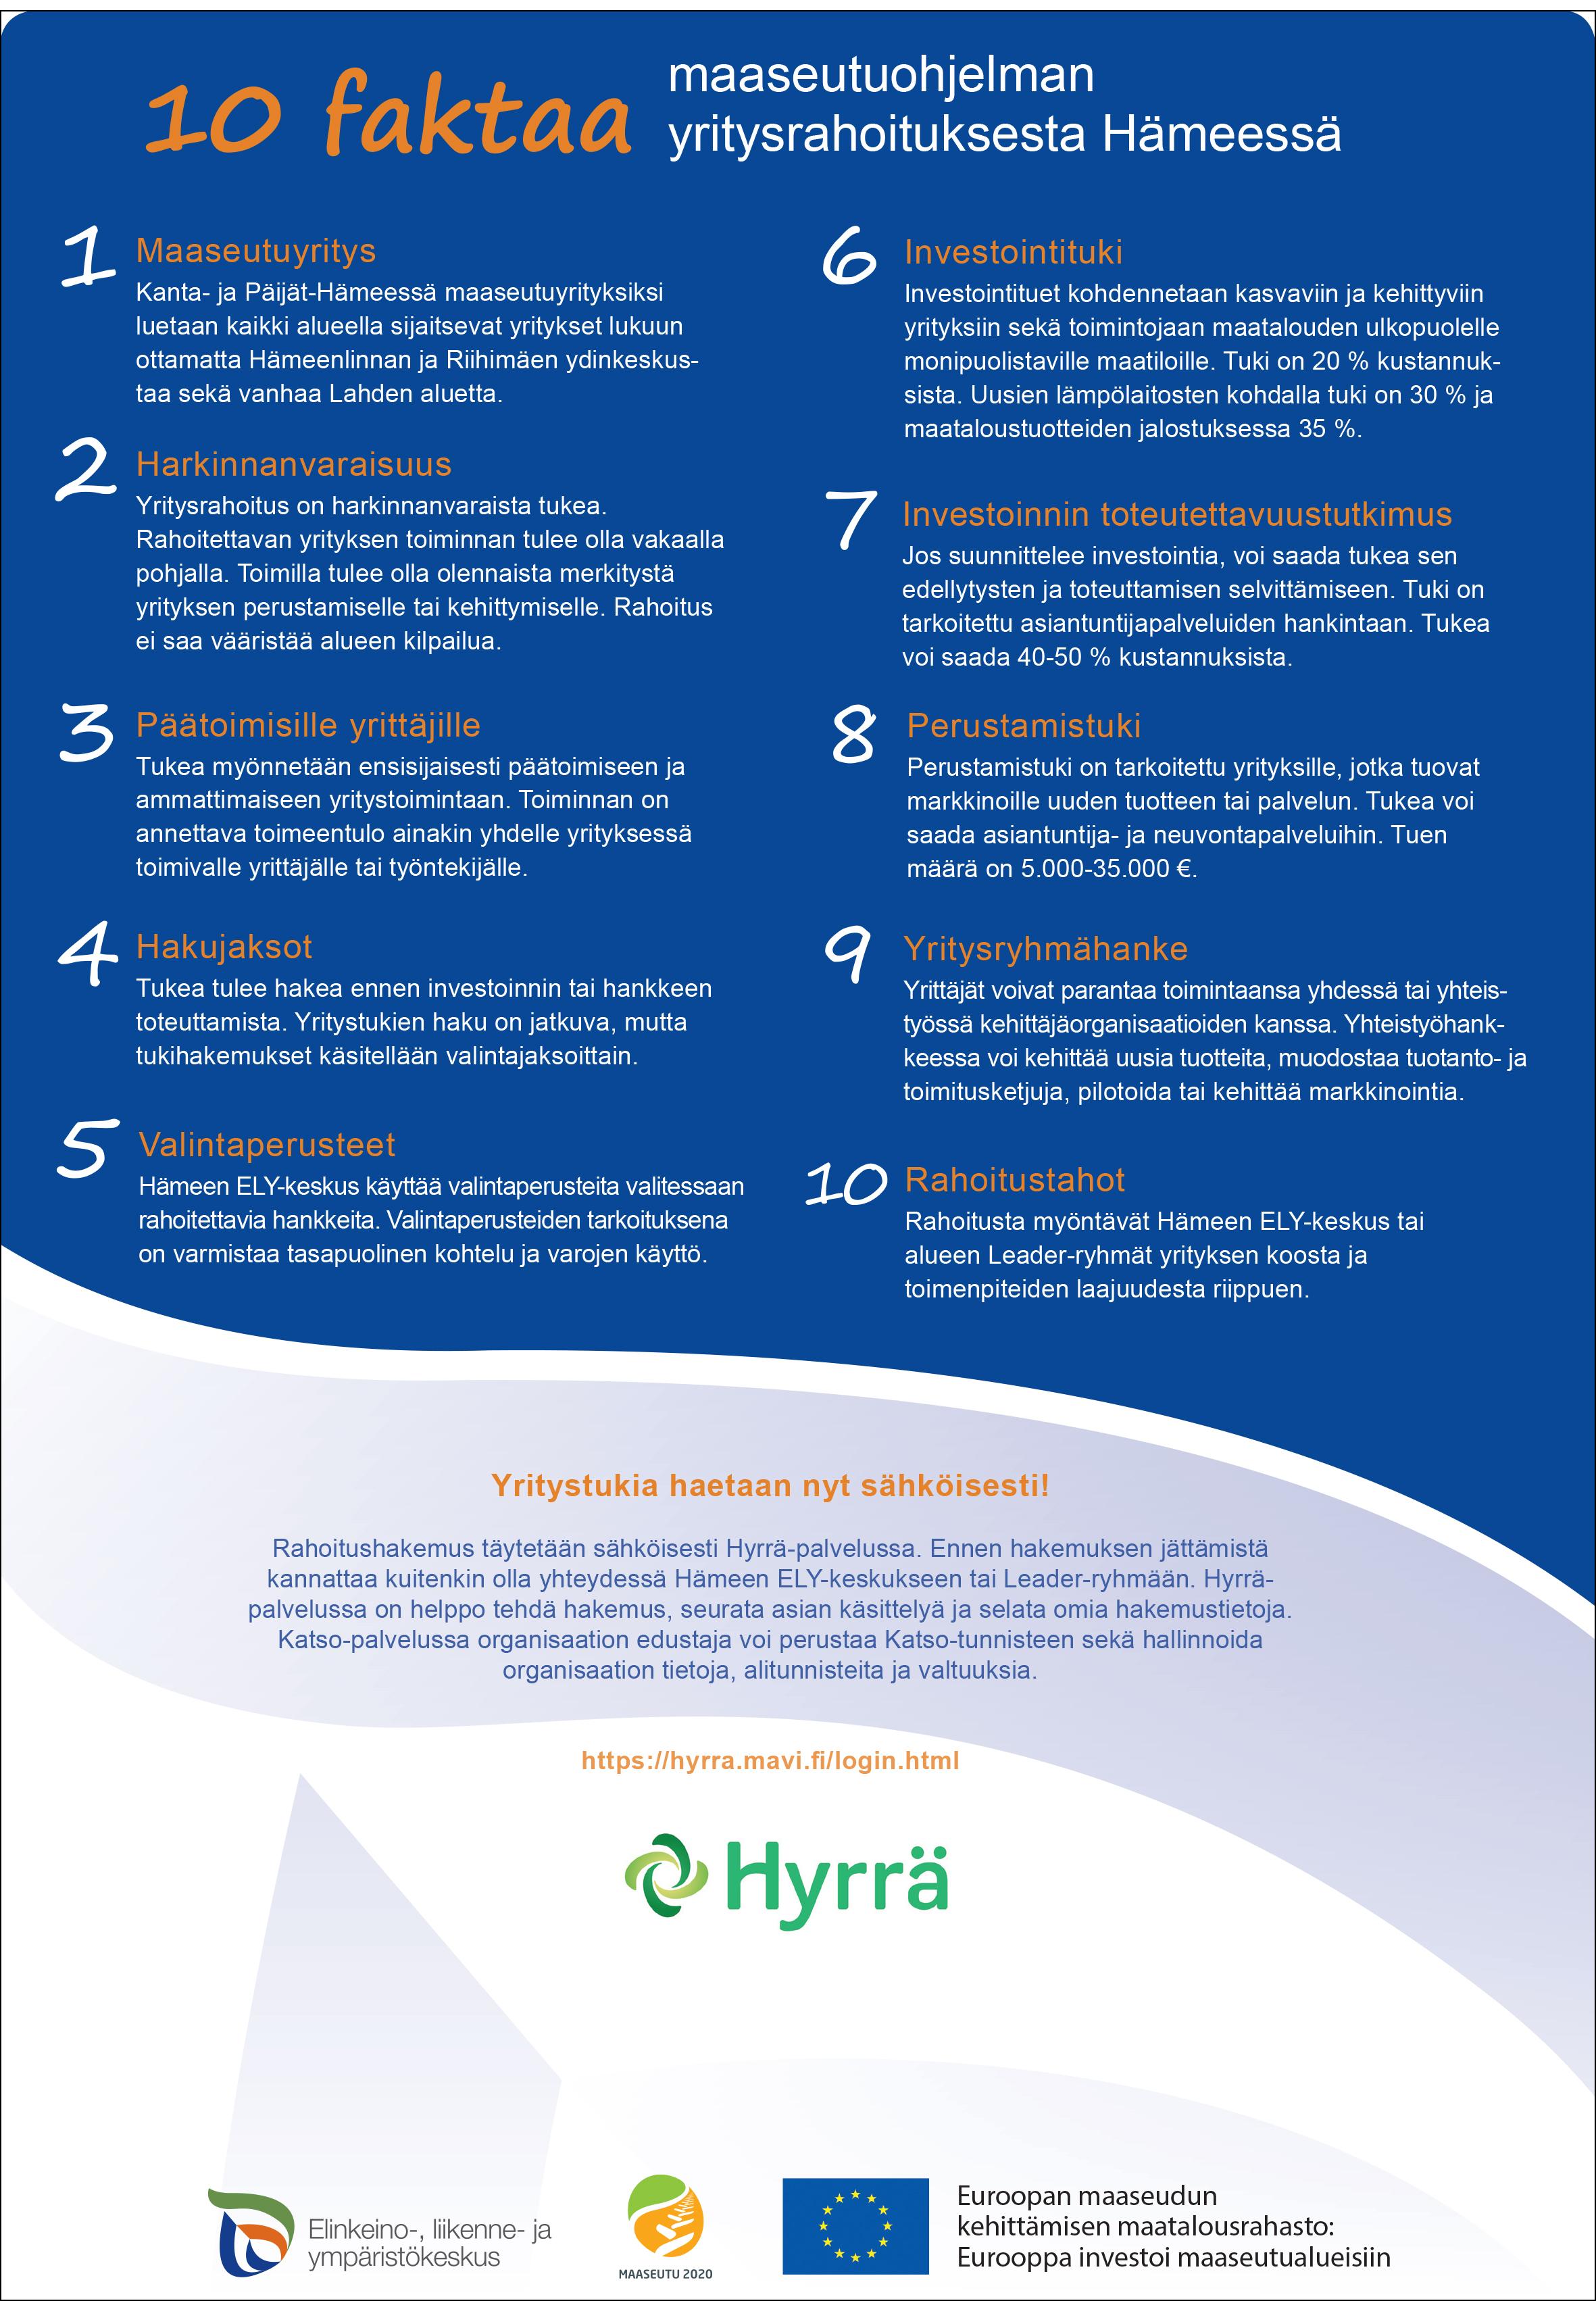 Esite - Kymmenen faktaa maaseutuohjelman yritysrahoituksesta. Kaikki esitteessä olevat tiedot löydät tältä sivulta.